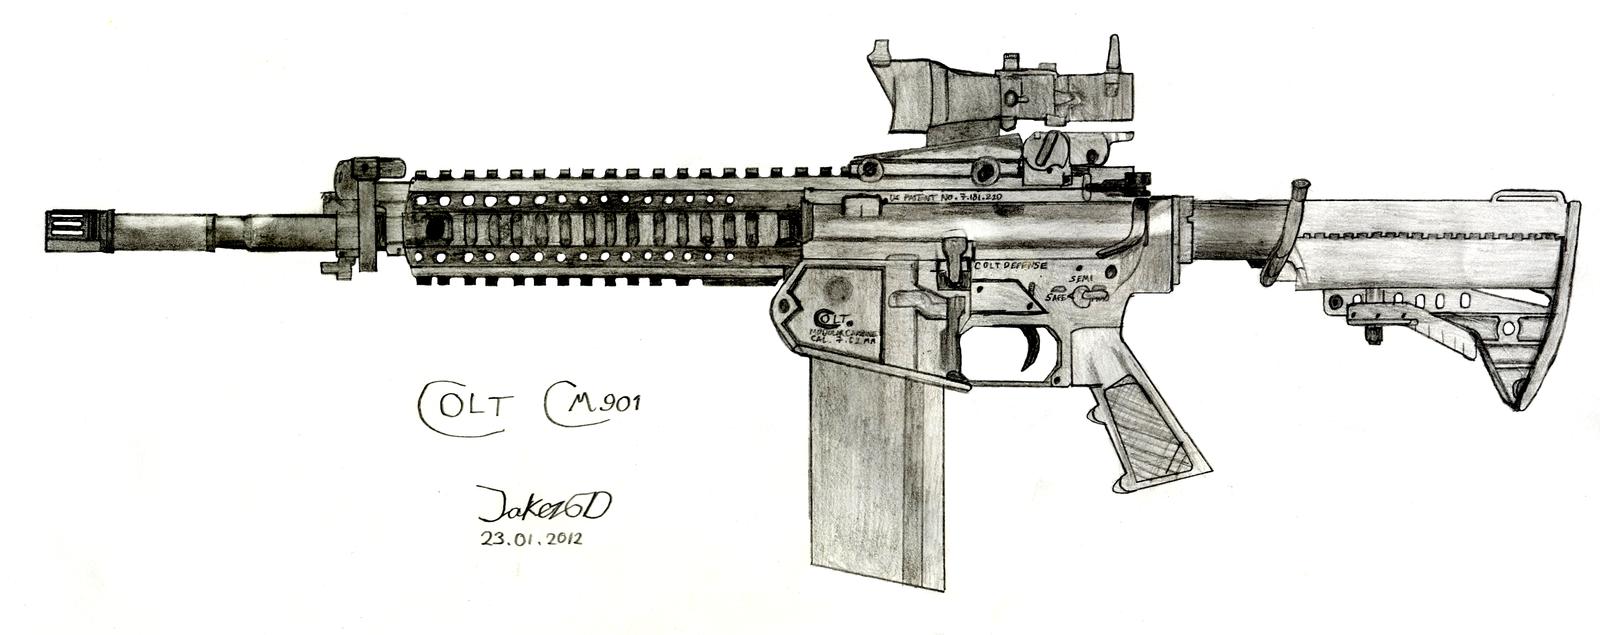 Colt Cm901 By Jakezugd On Deviantart